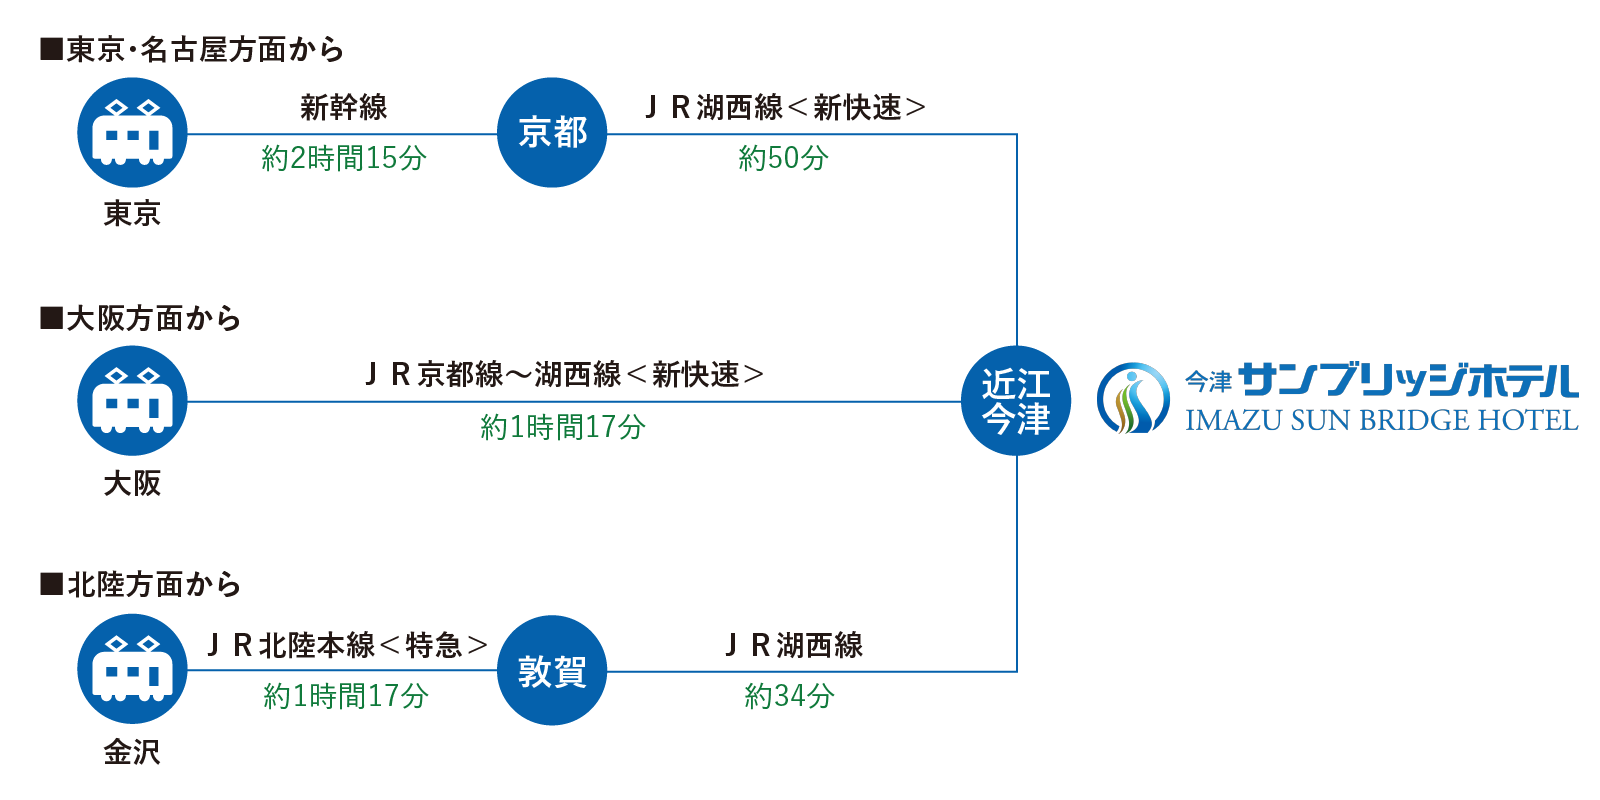 電車での経路図